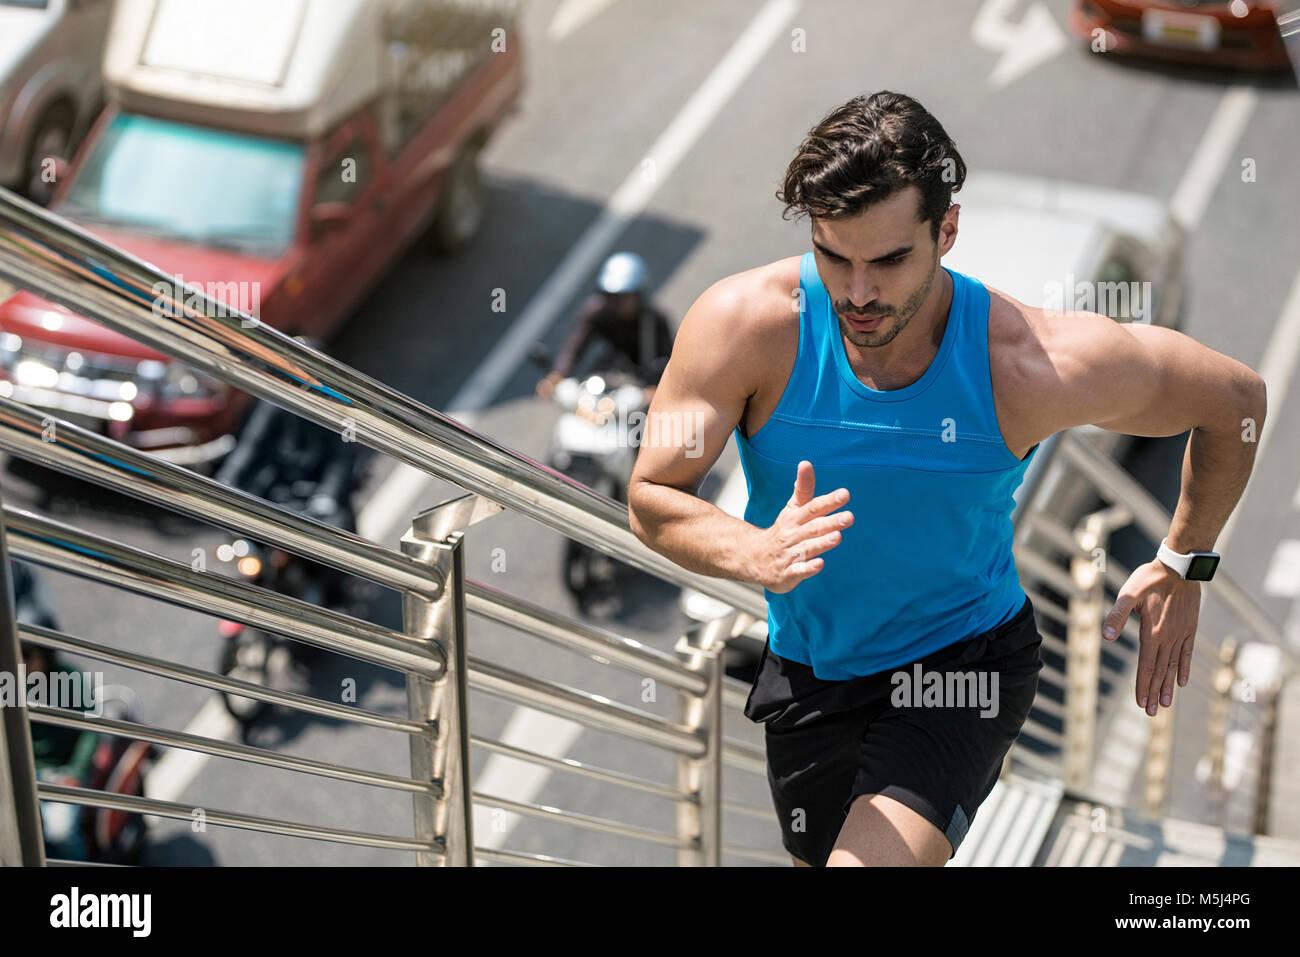 Hombre en Azul Camiseta Gimnasia corriendo las escaleras en la ciudad Imagen De Stock